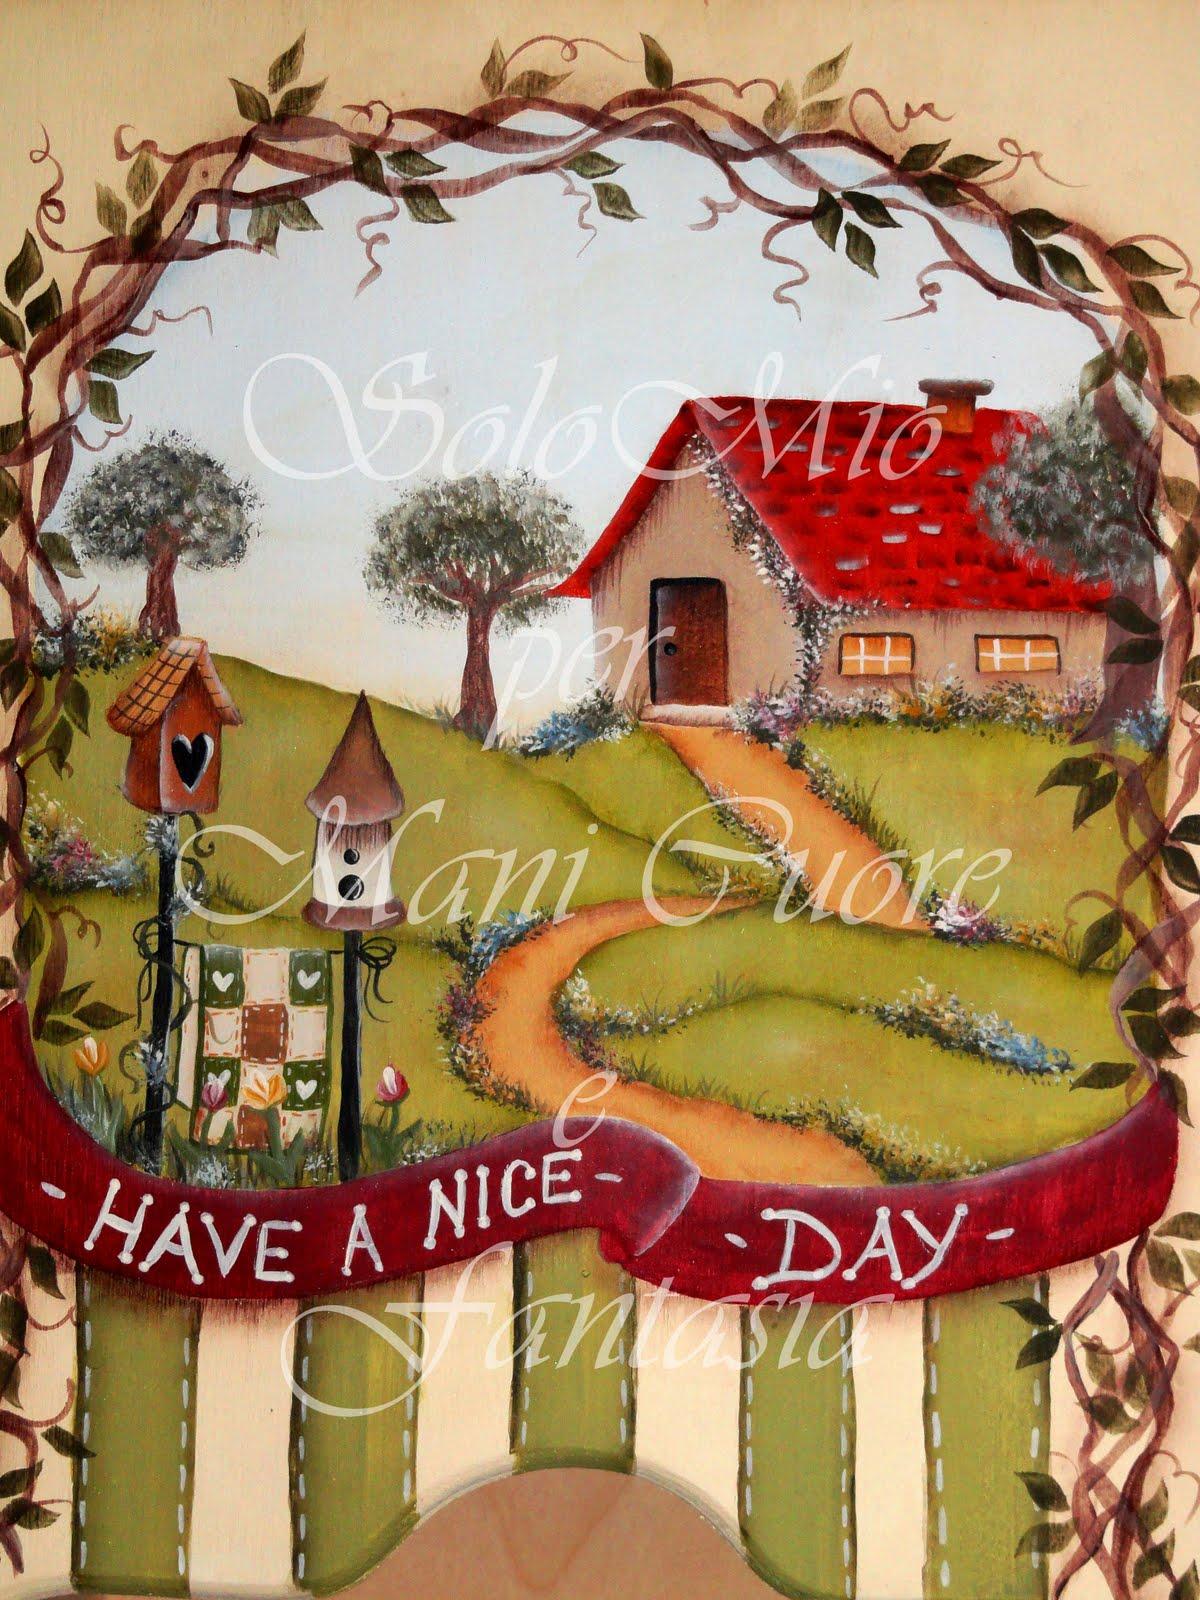 Mani cuore fantasia febbraio 2011 for Amazon oggetti per la casa